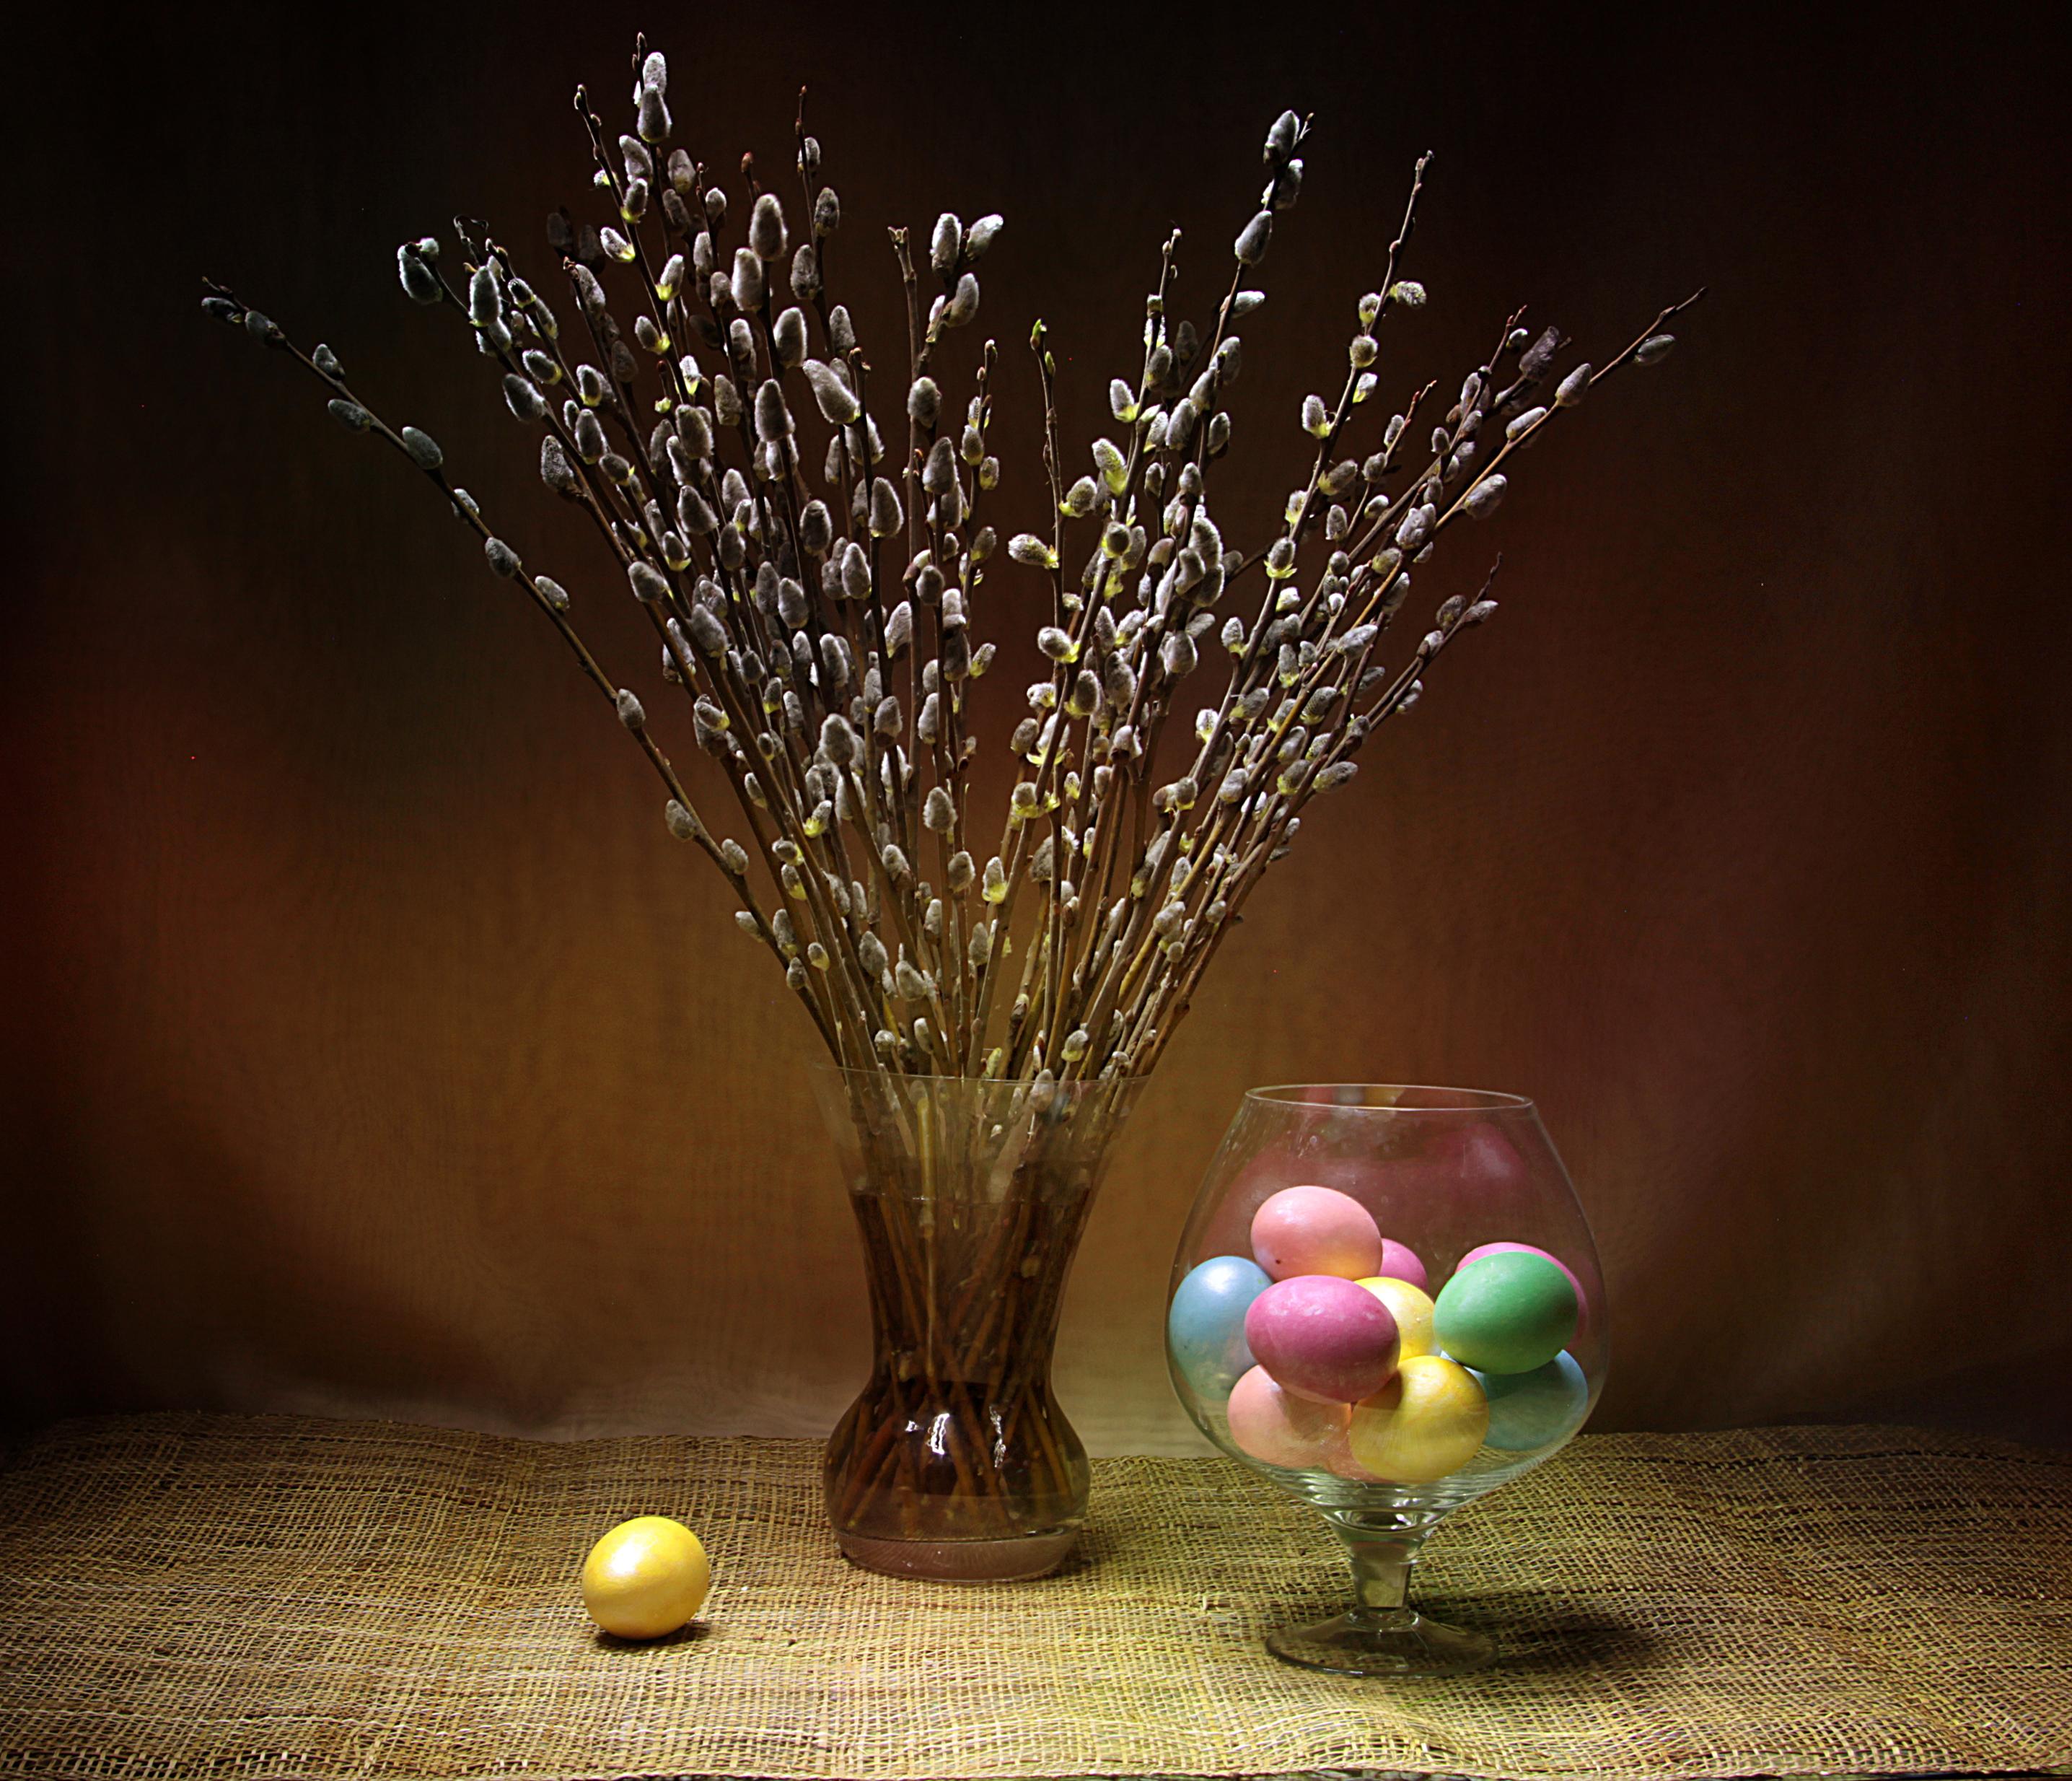 Картинки Пасха Разноцветные Яйца вазе ветвь 2872x2468 яиц яйцо яйцами Ваза вазы ветка Ветки на ветке